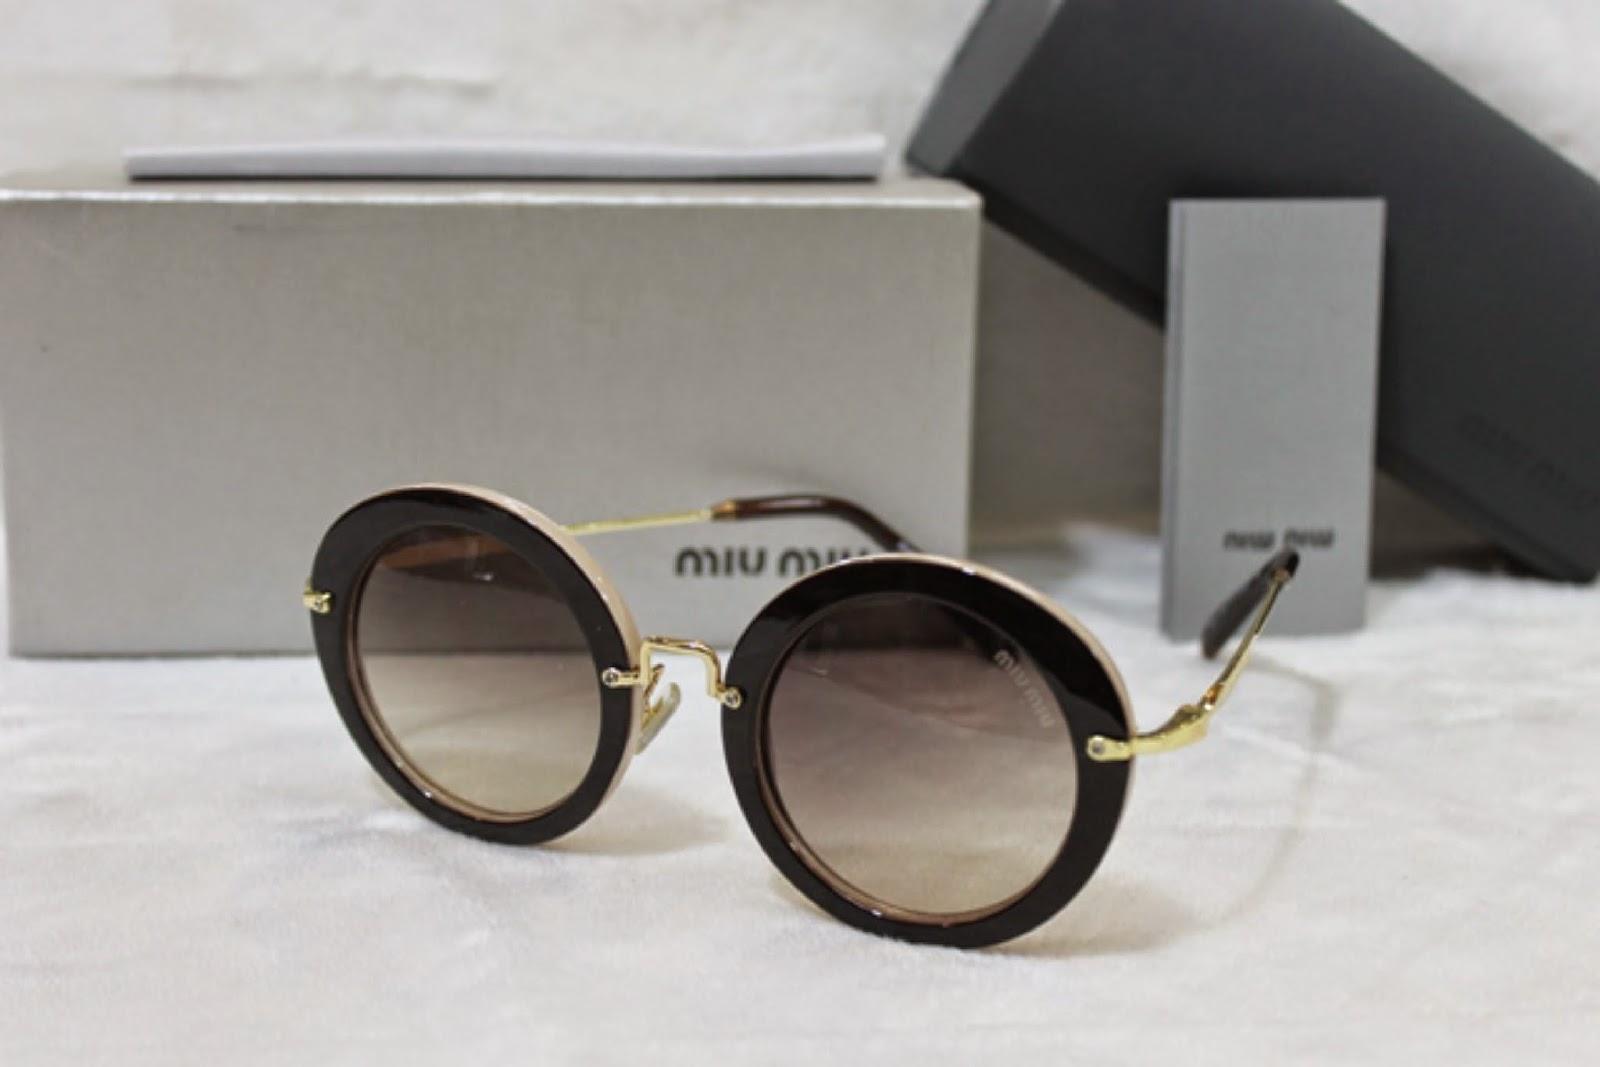 Kacamata Miu-miu 13ns Kombinasi Coklat d2347f51a9